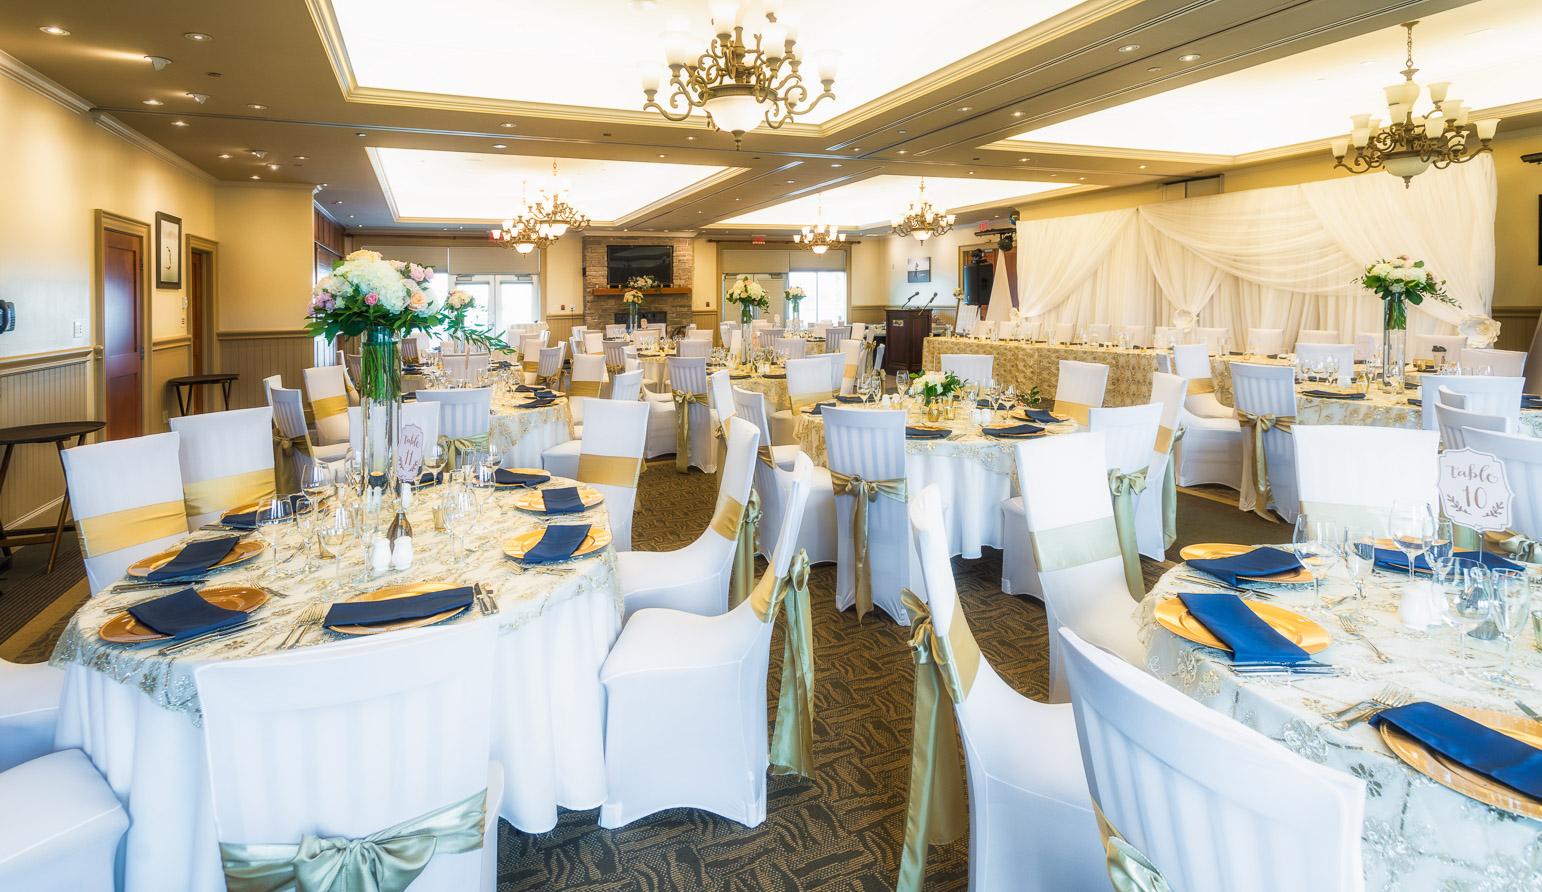 Nova Scotia Resort Wedding Venue